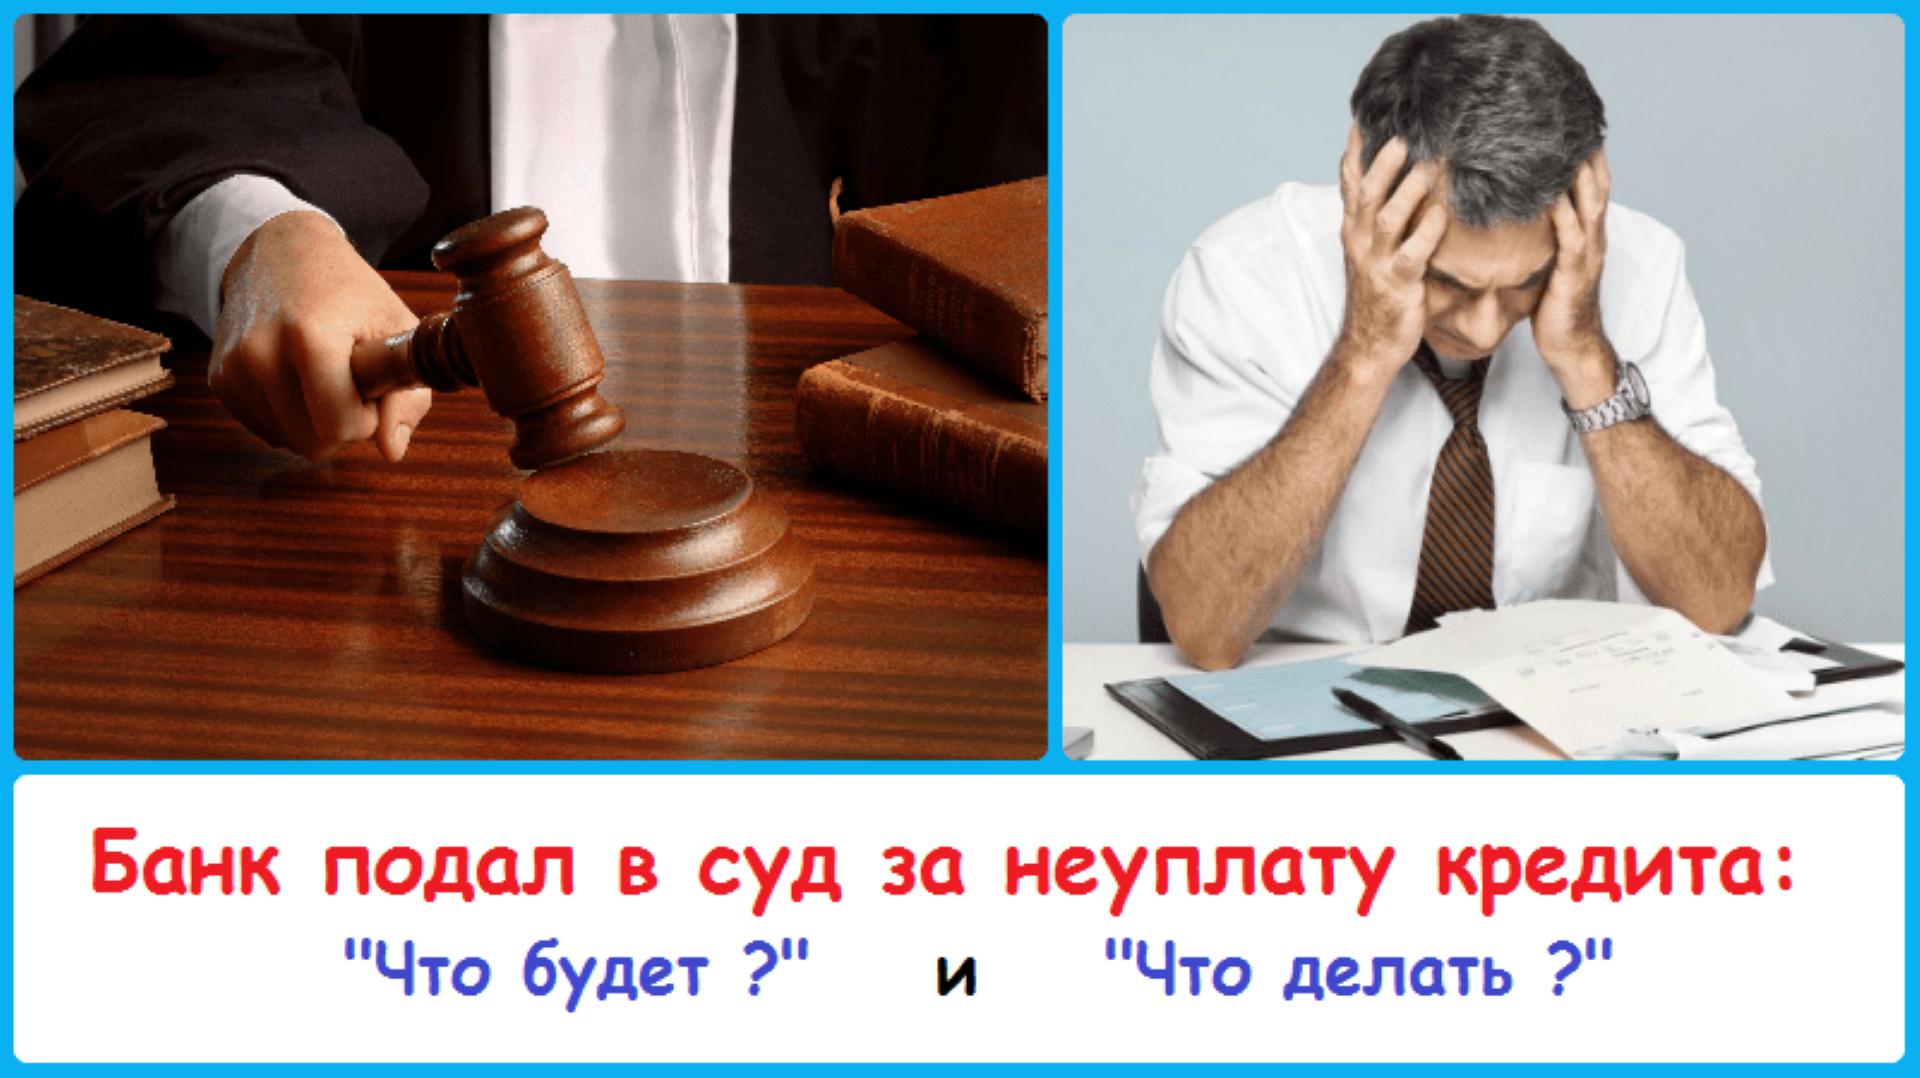 Банк подал в суд на взыскание кредита что делать мои действия